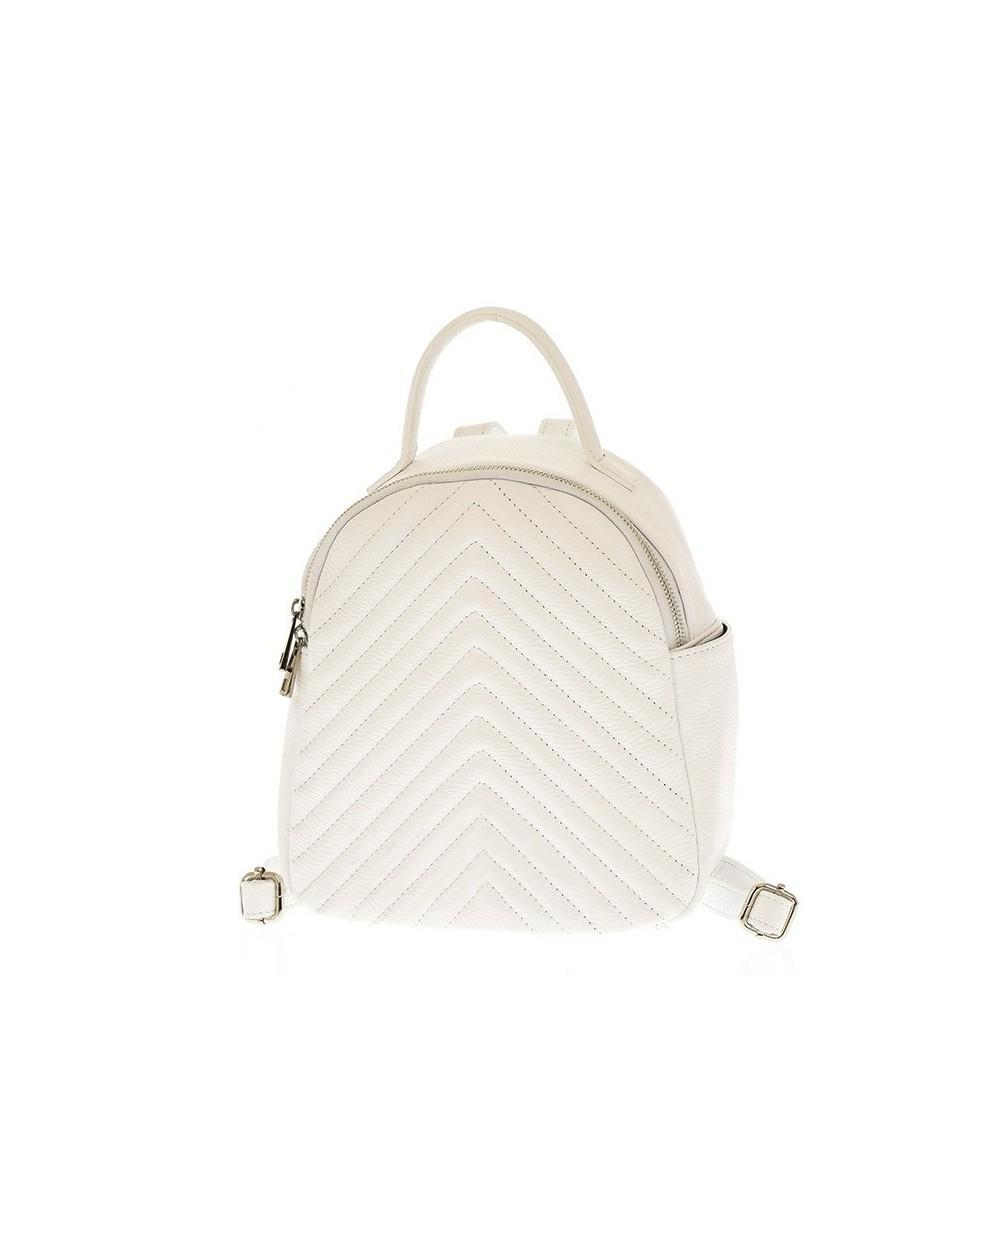 Plecak damski skórzany pikowany biały